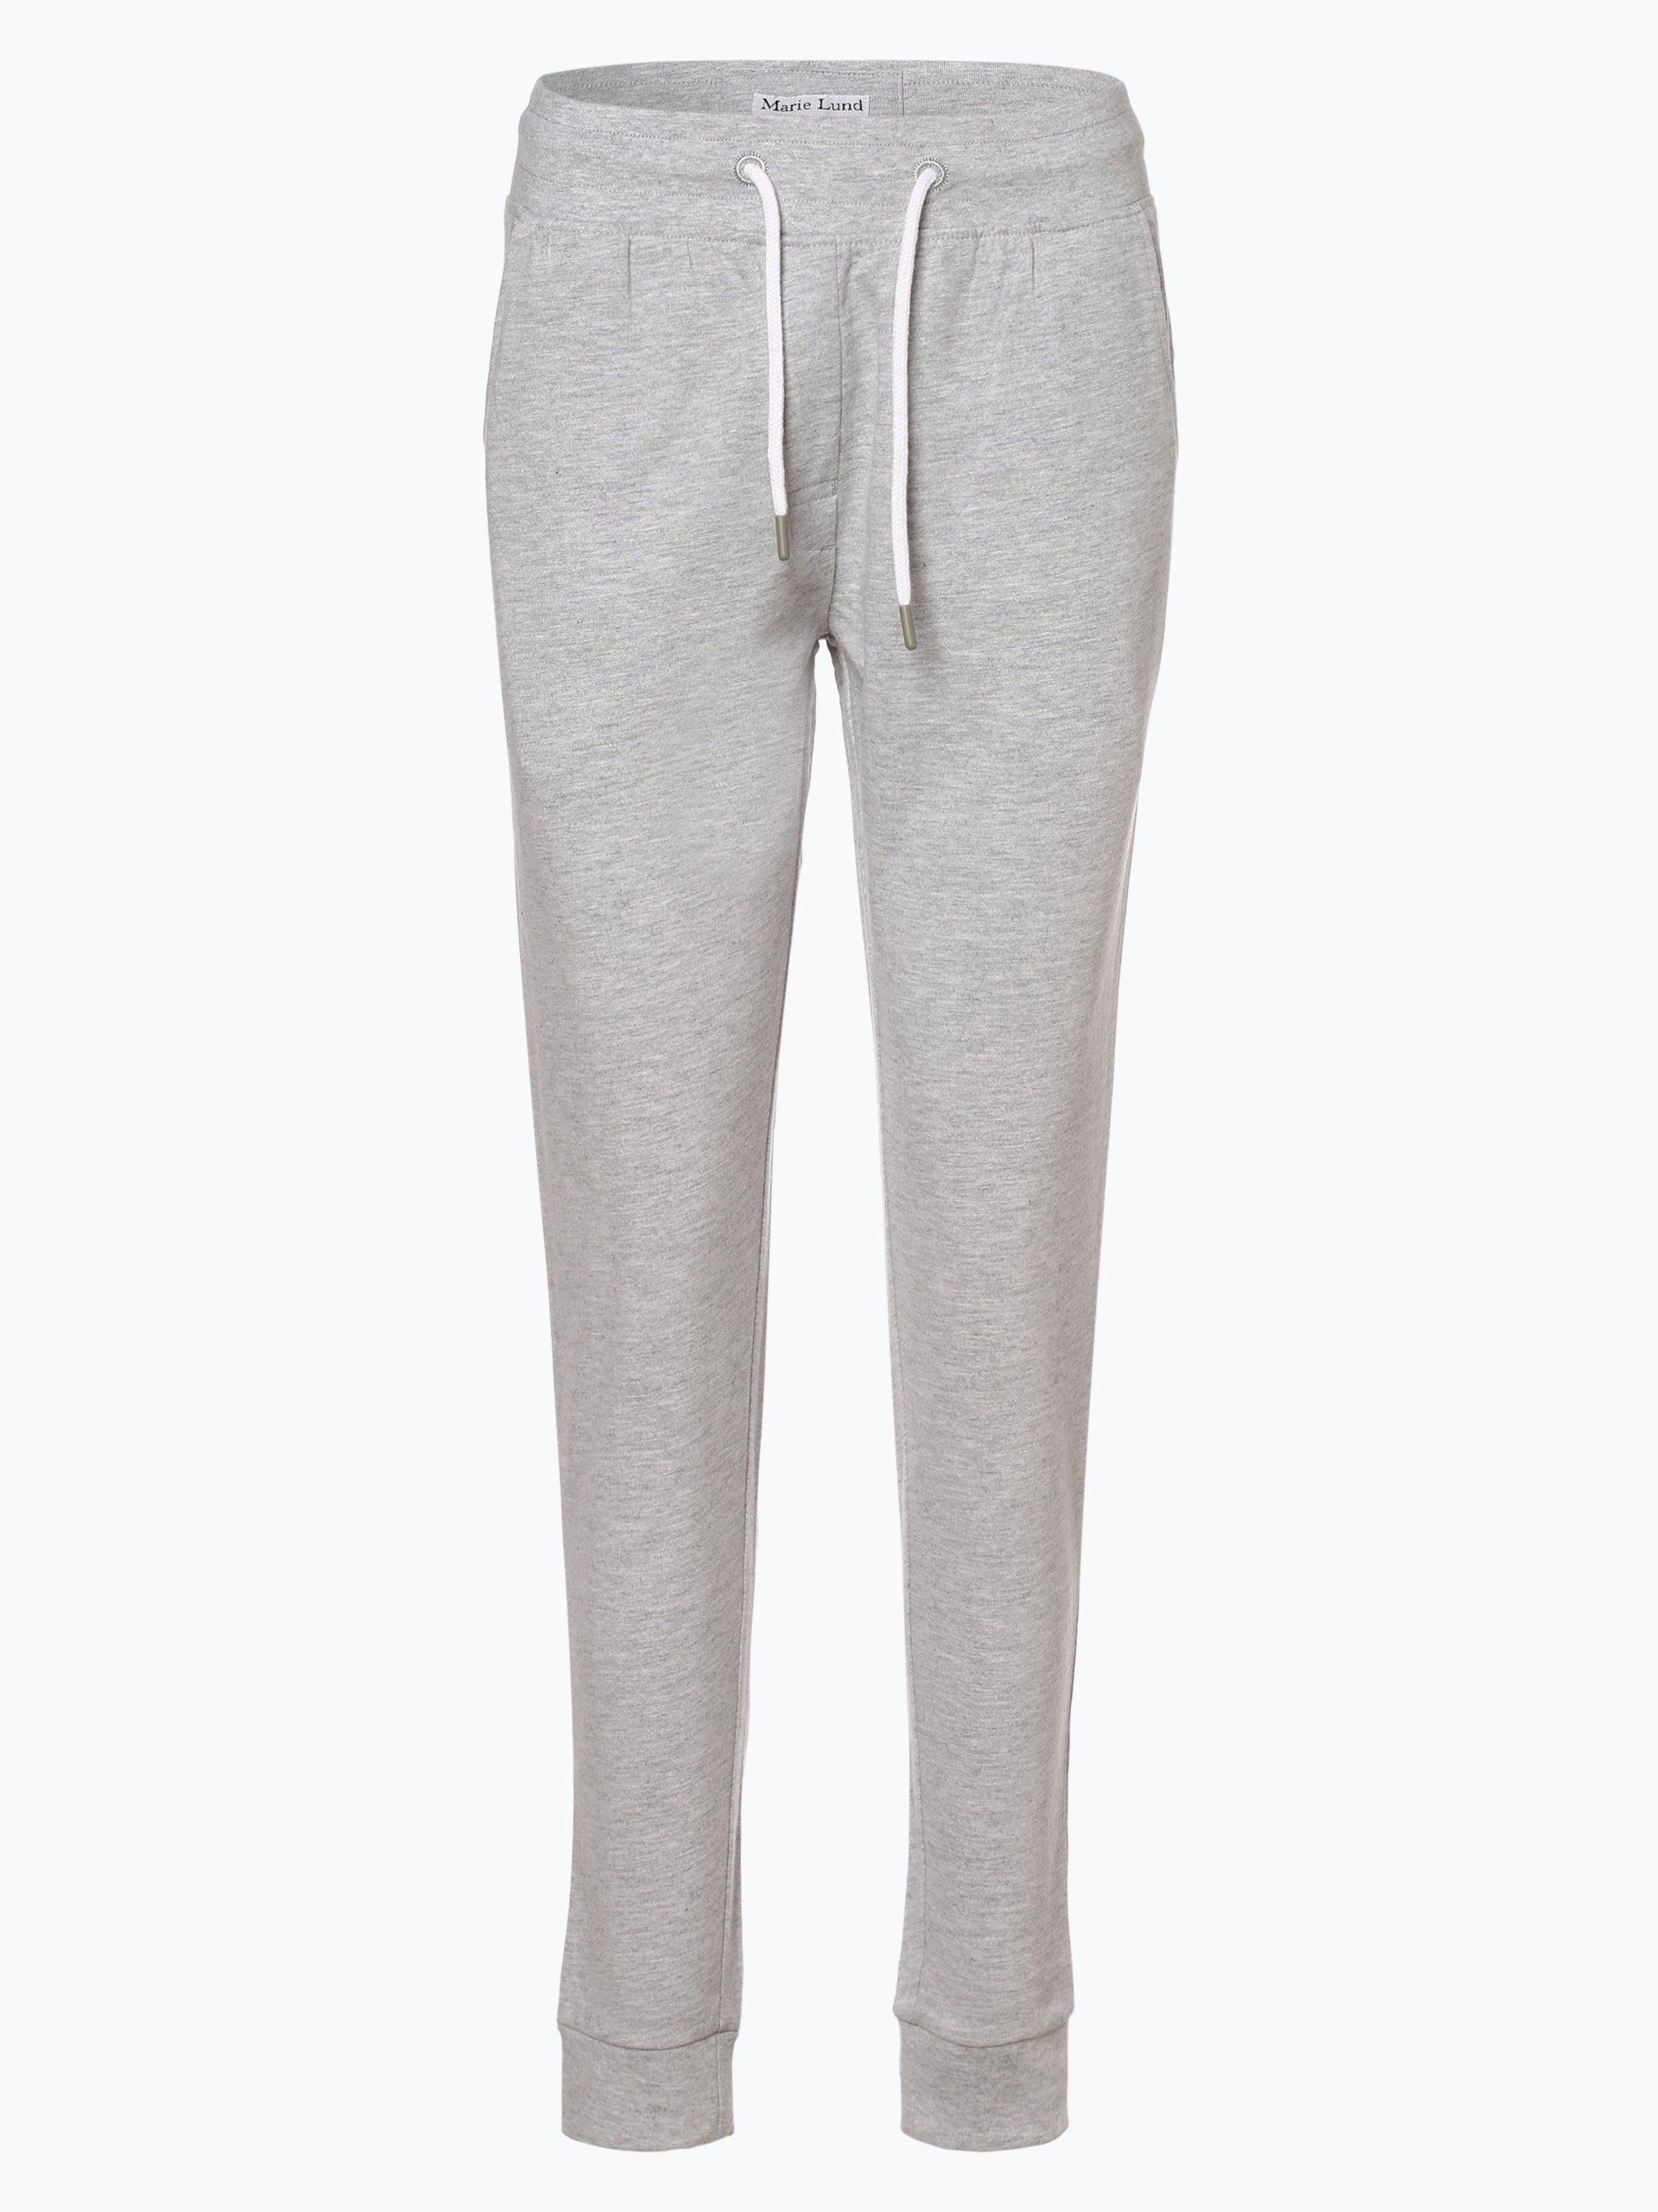 Marie Lund Damskie spodnie dresowe